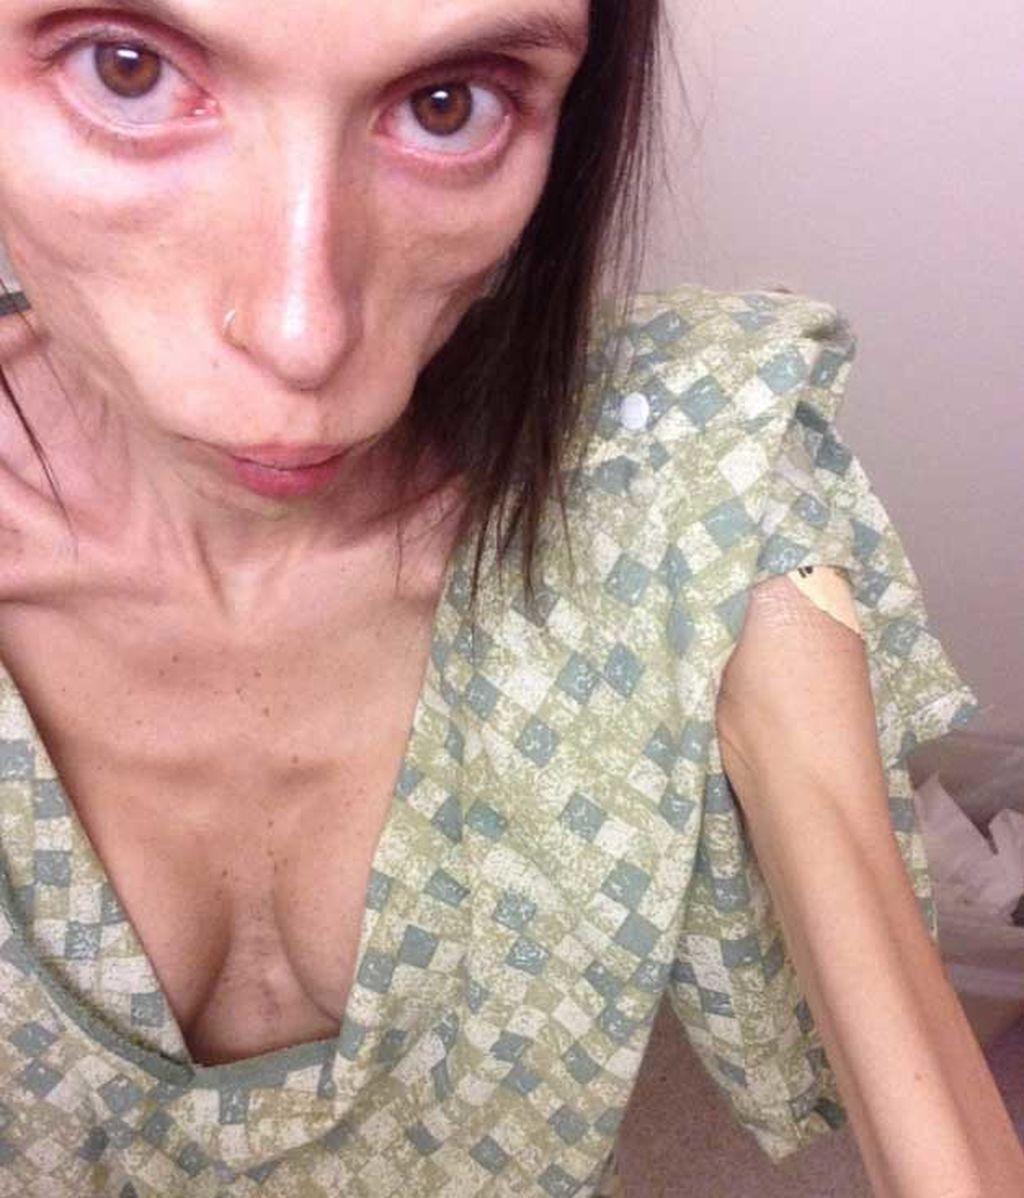 """Desesperada tras 16 años enferma de anorexia: """"Tiene que haber una forma de sanar"""""""